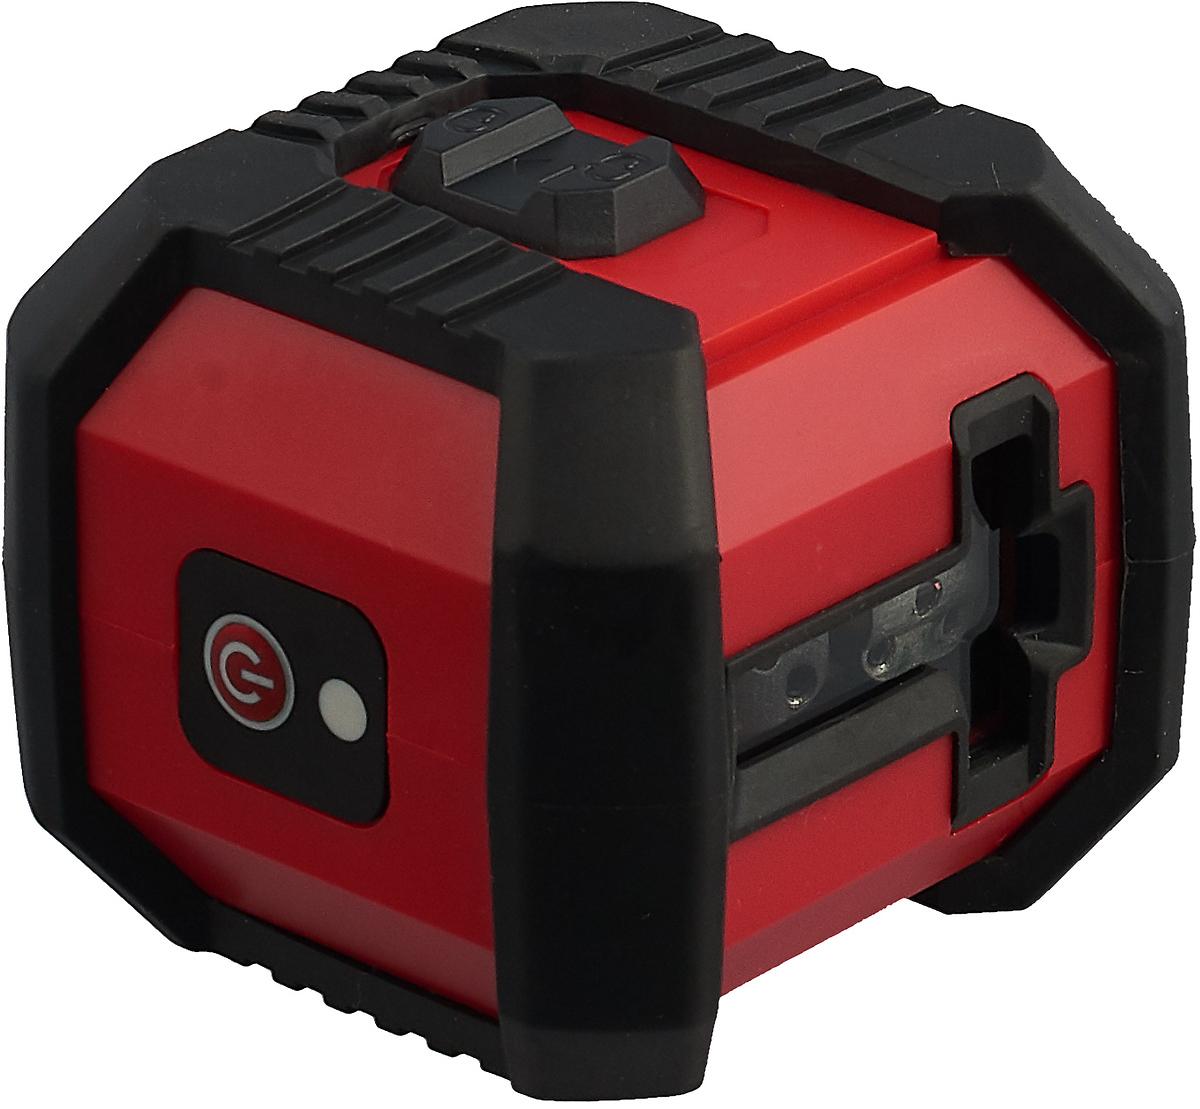 Лазерный нивелир Condtrol Qb, дальность измерений 10 м, 1-2-142